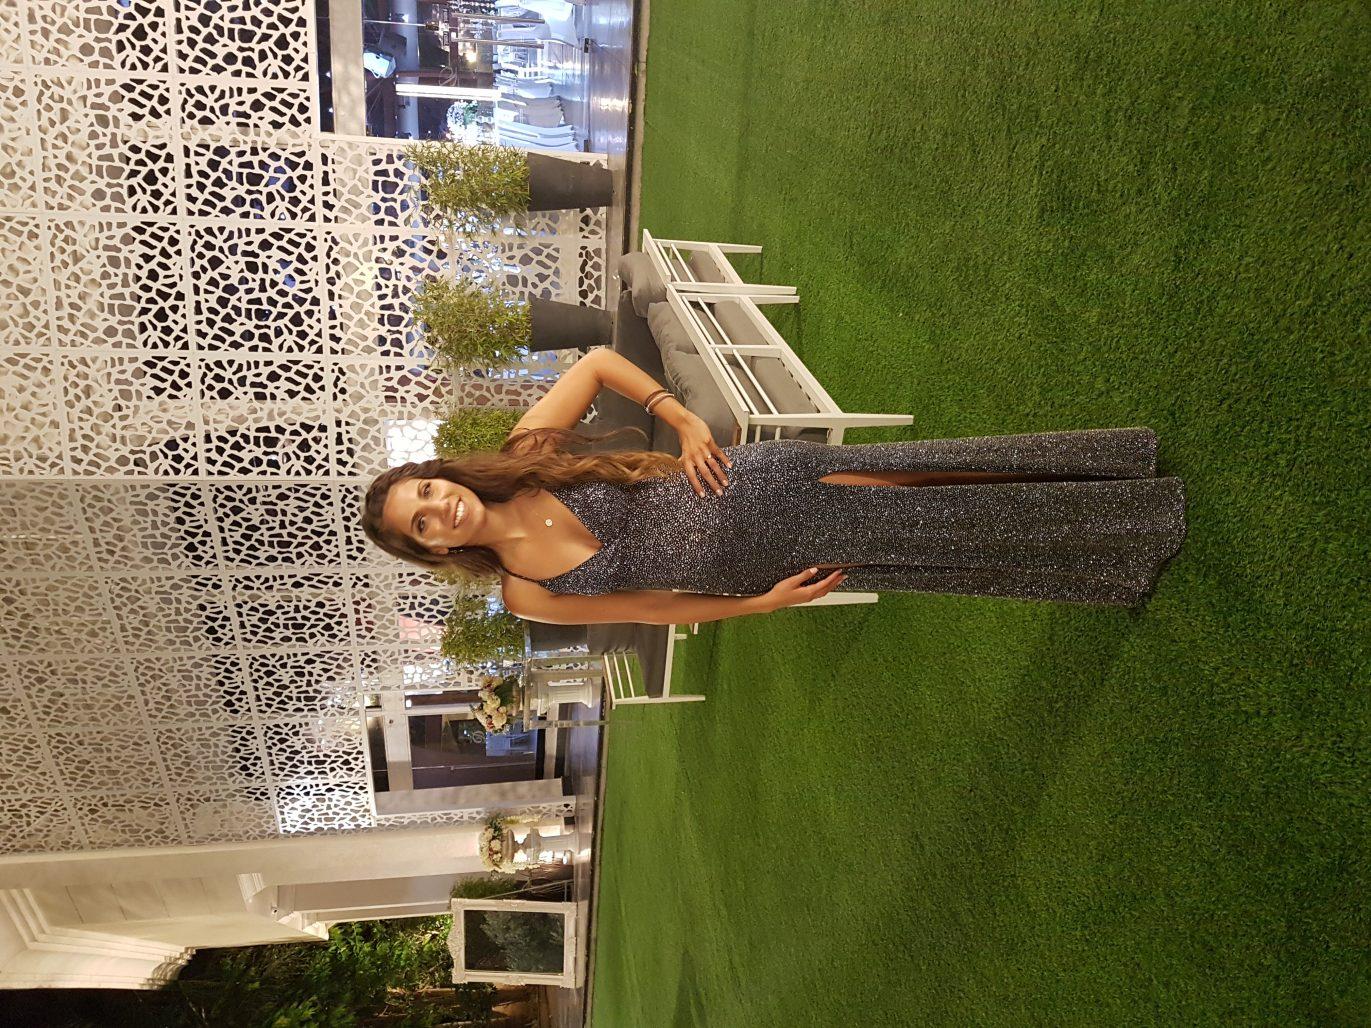 תמונות נוספות של שמלת מקסי נצנצים